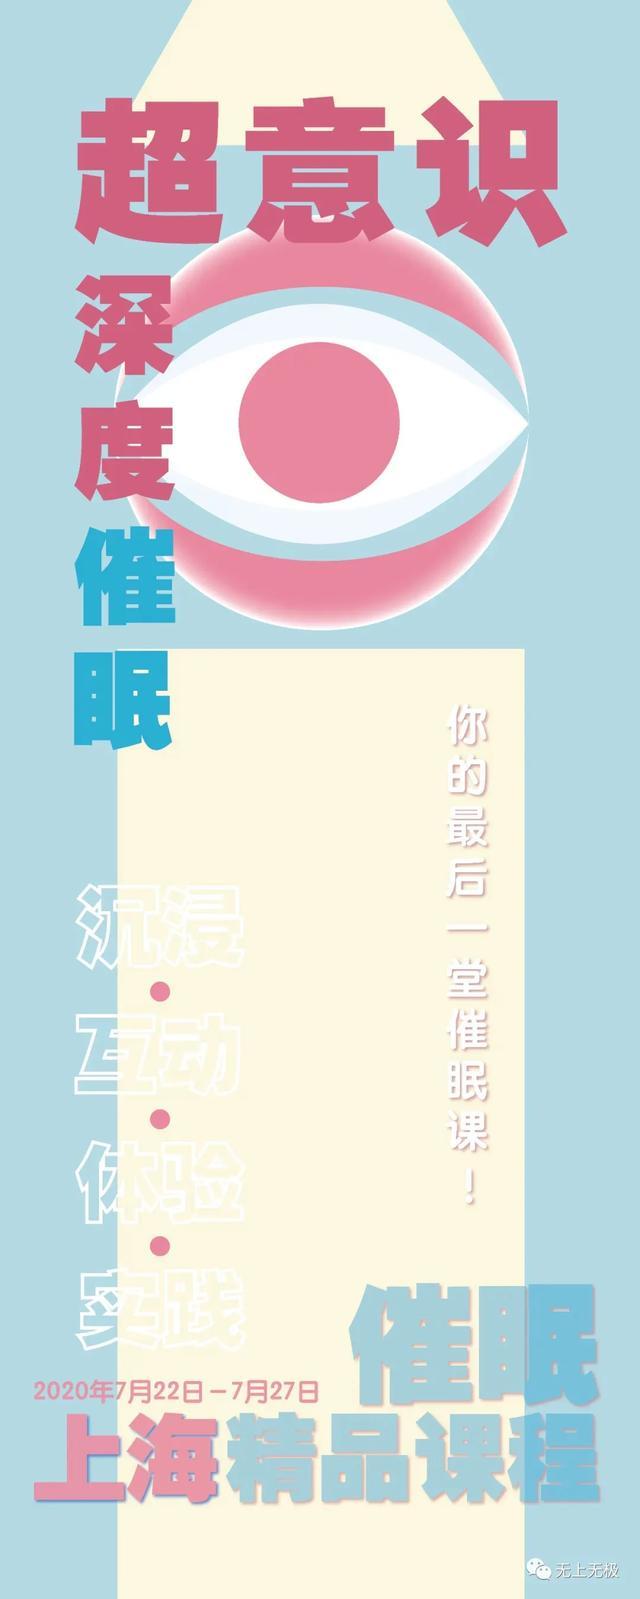 【麻醉师技能培训】(上海)超意识深度催眠培训课程2020年7月22日-7月27日